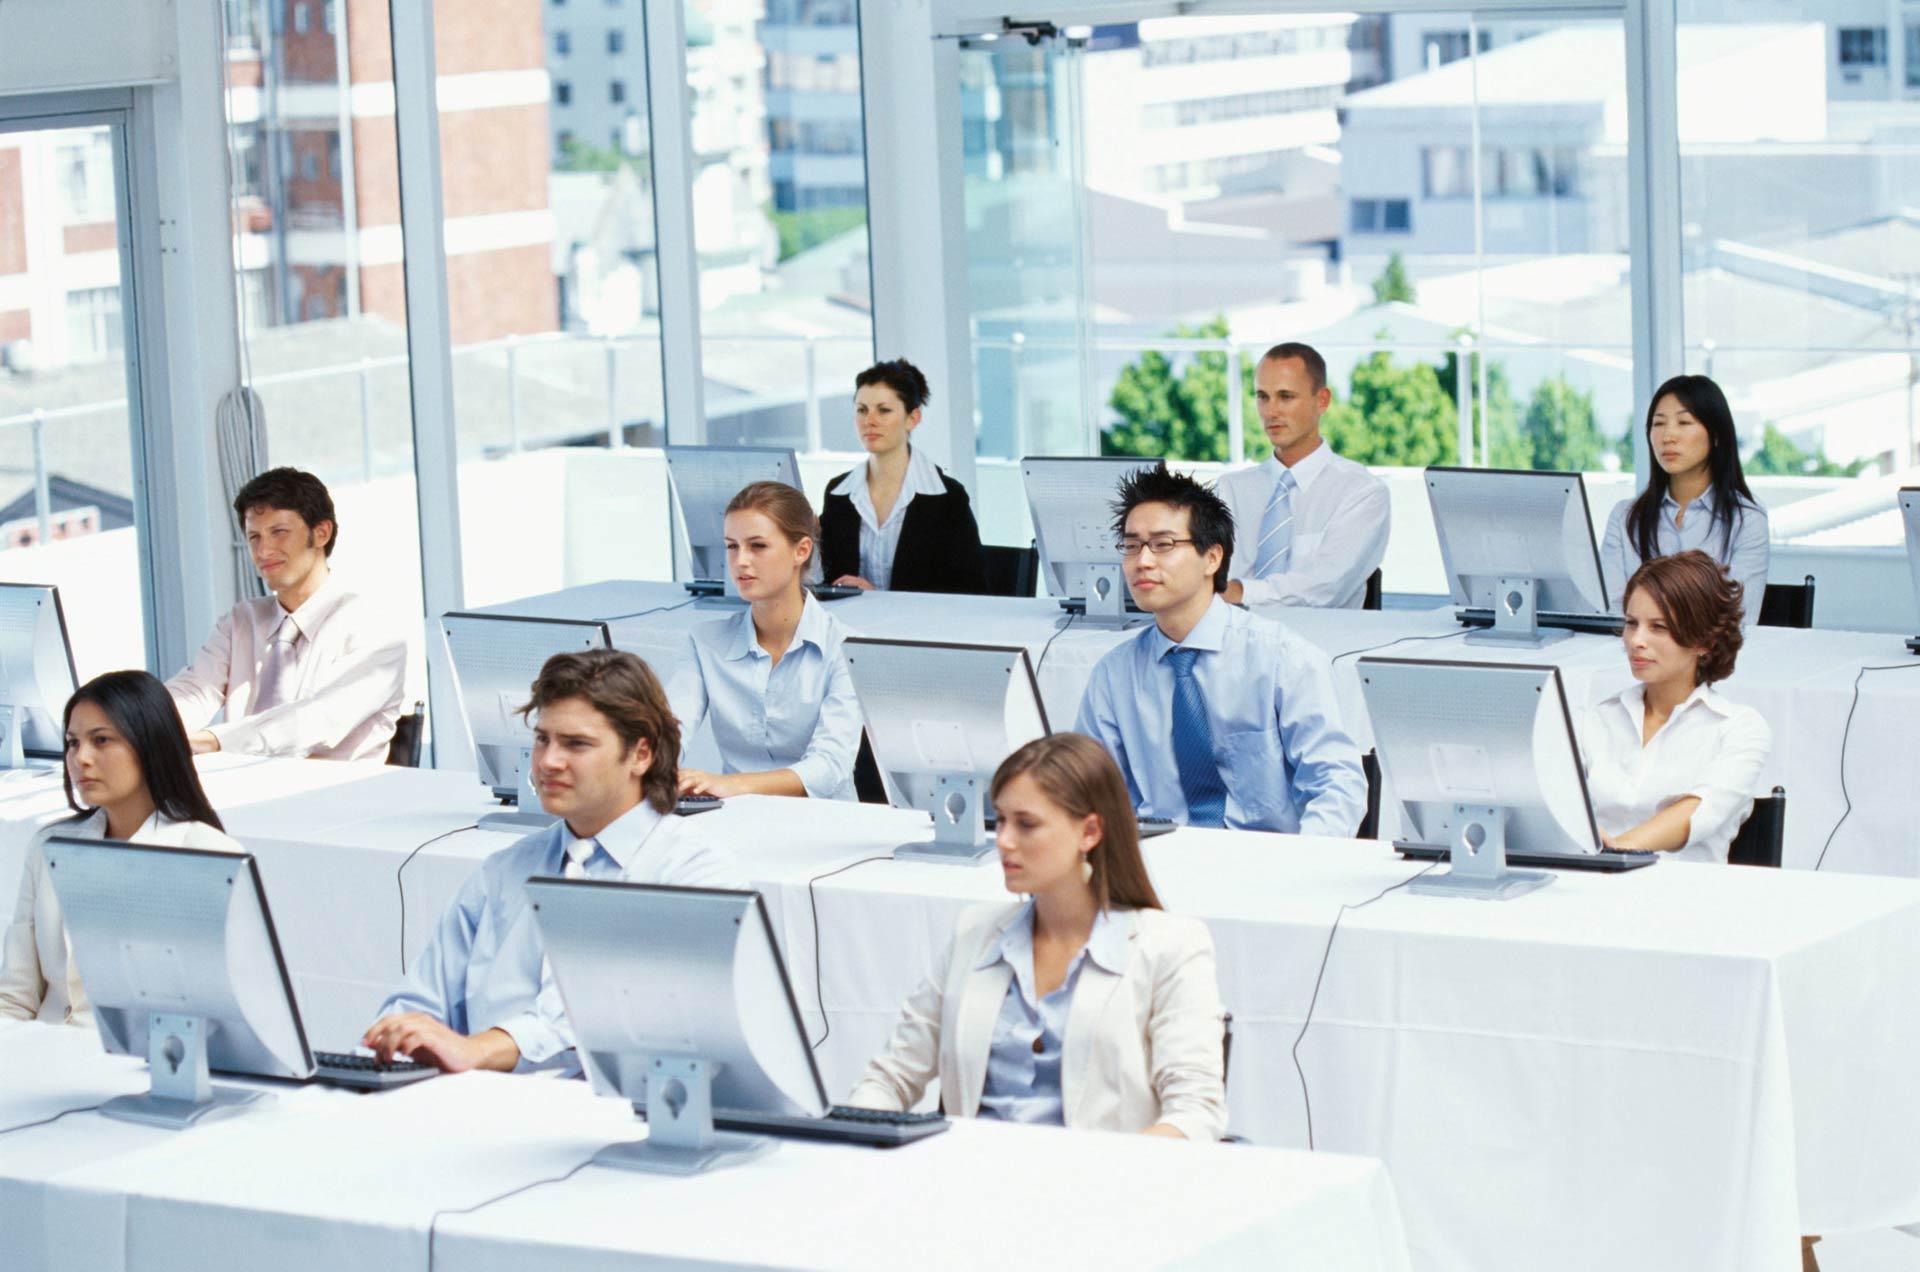 Бесплатный вебинар: Система управления базами данных в языковой онлайн школе